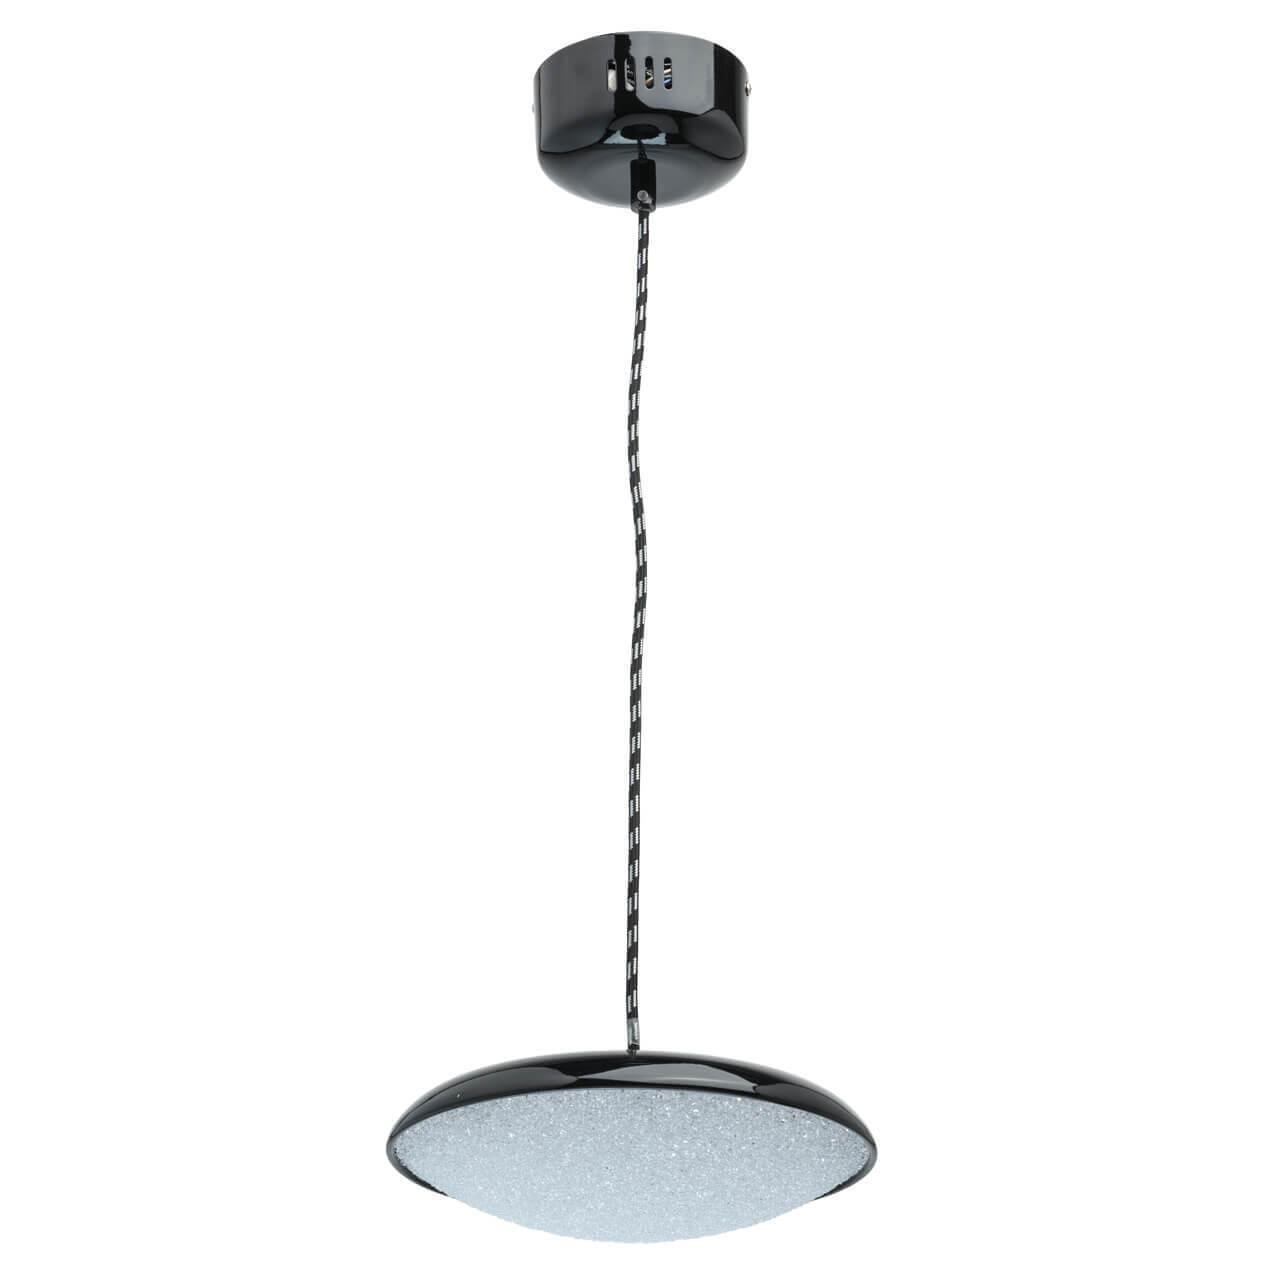 Подвесной светильник De Markt 703011201, LED, 12 Вт regenbogen life подвесной светильник перегрина